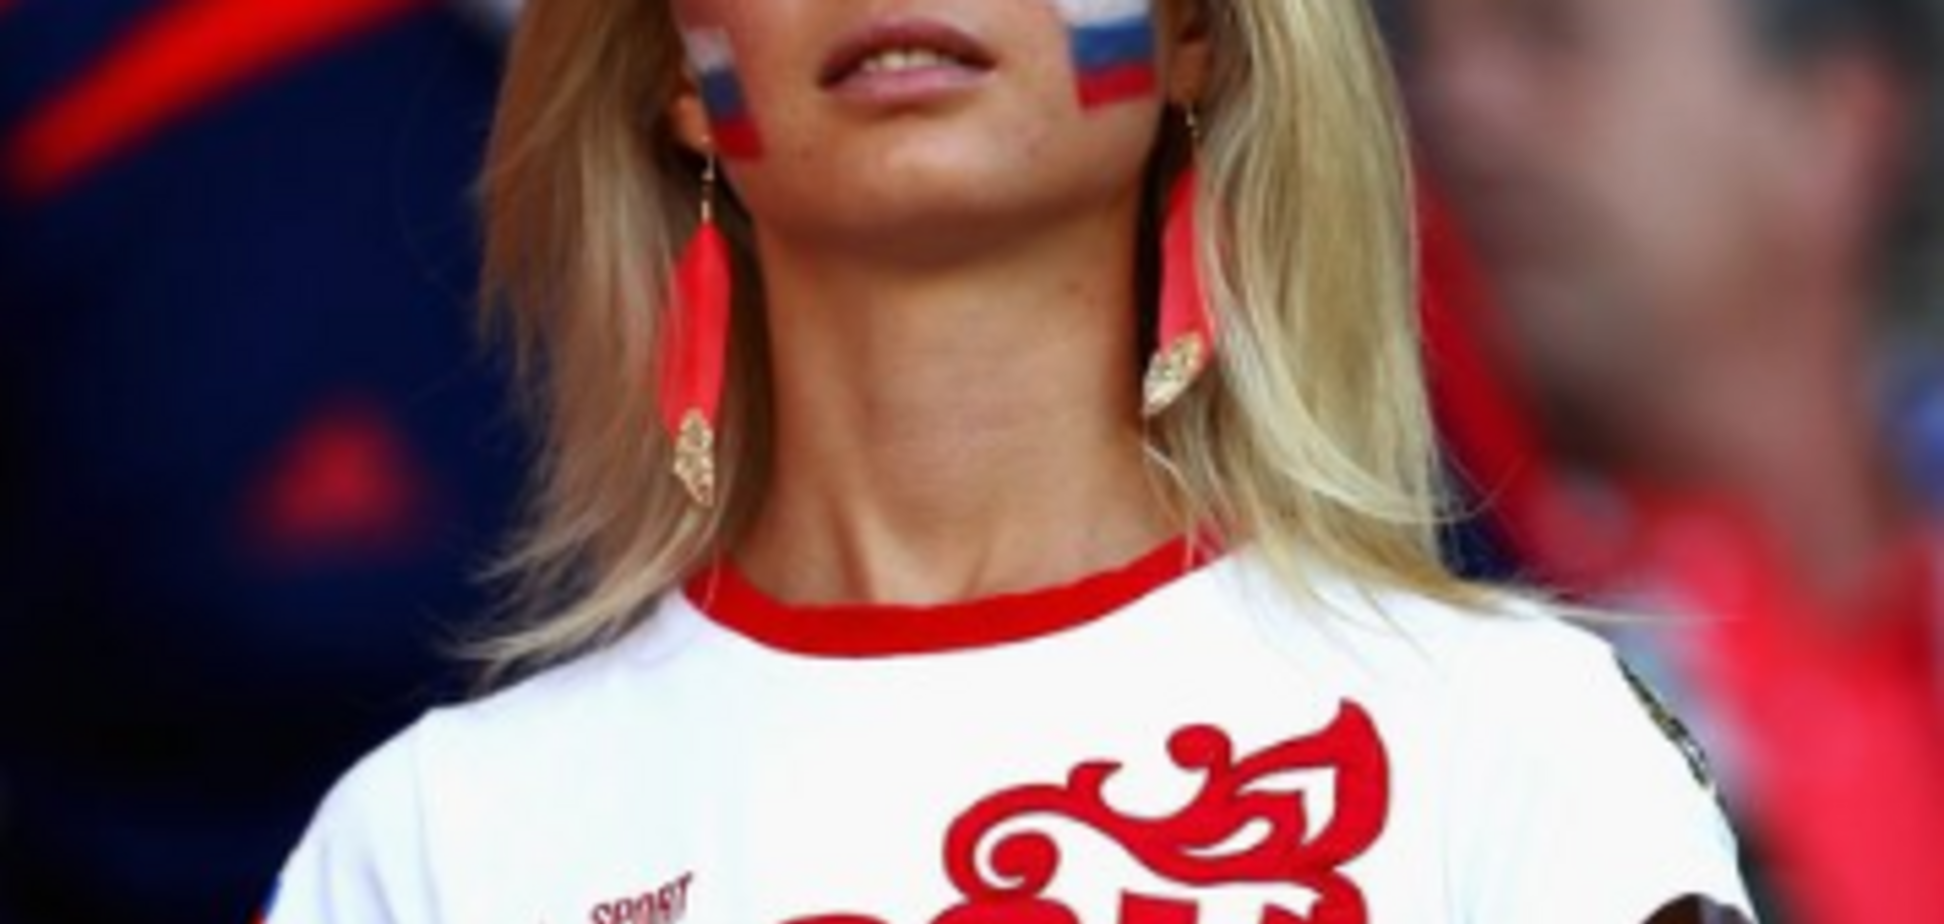 Гаряча штучка: російська дівчина з фільмів для дорослих потрапила в число найкрасивіших уболівальниць на ЧС